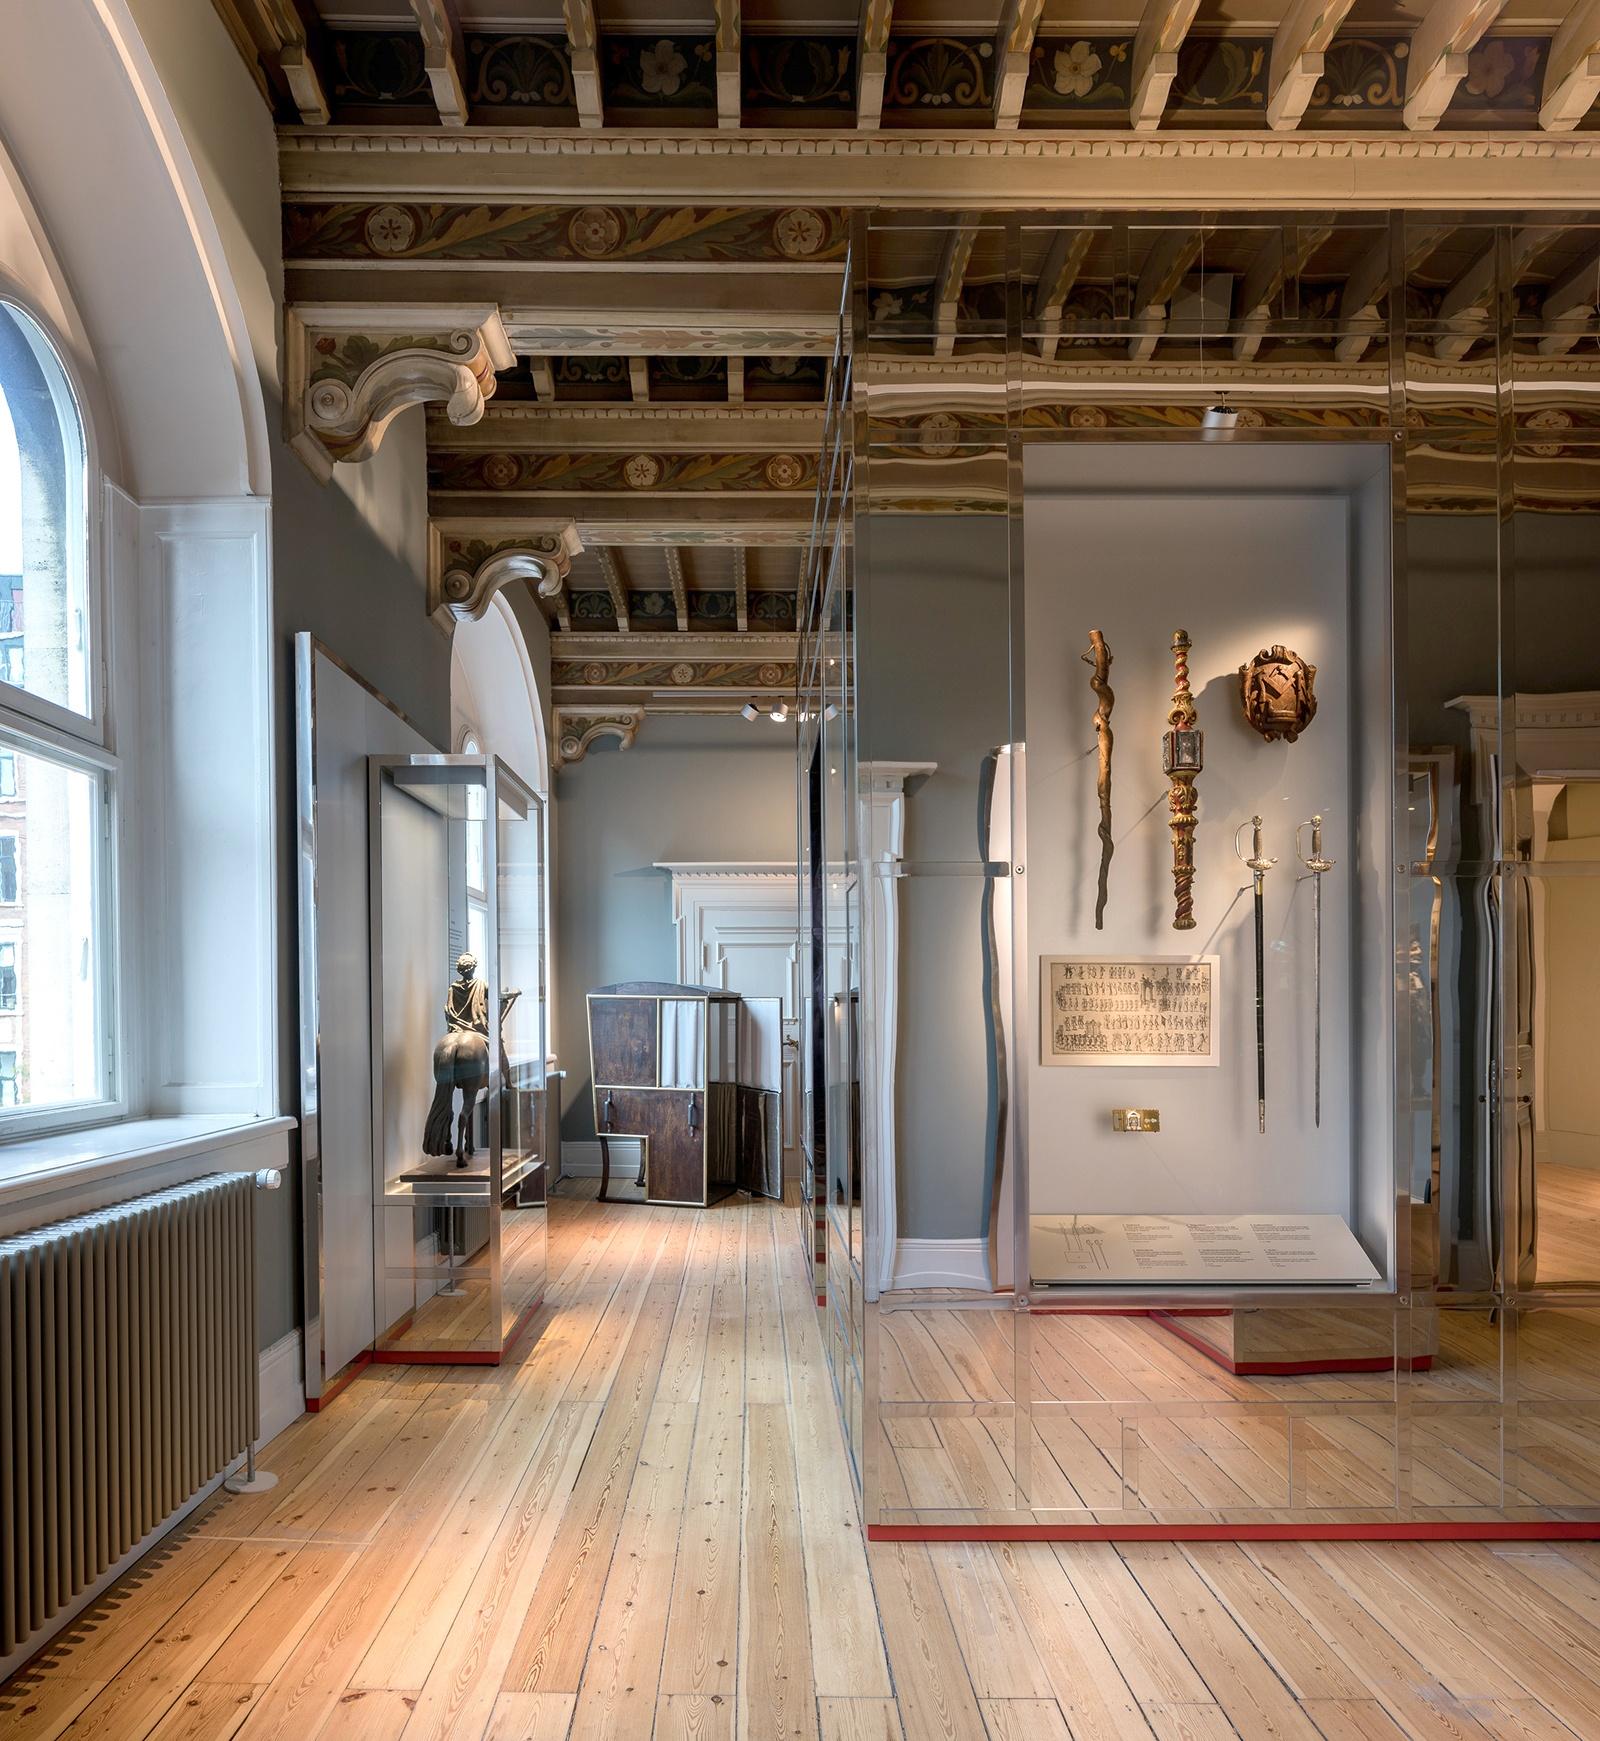 Københavns_Museum_Fotograf_Adam Mørk_142_L_1600